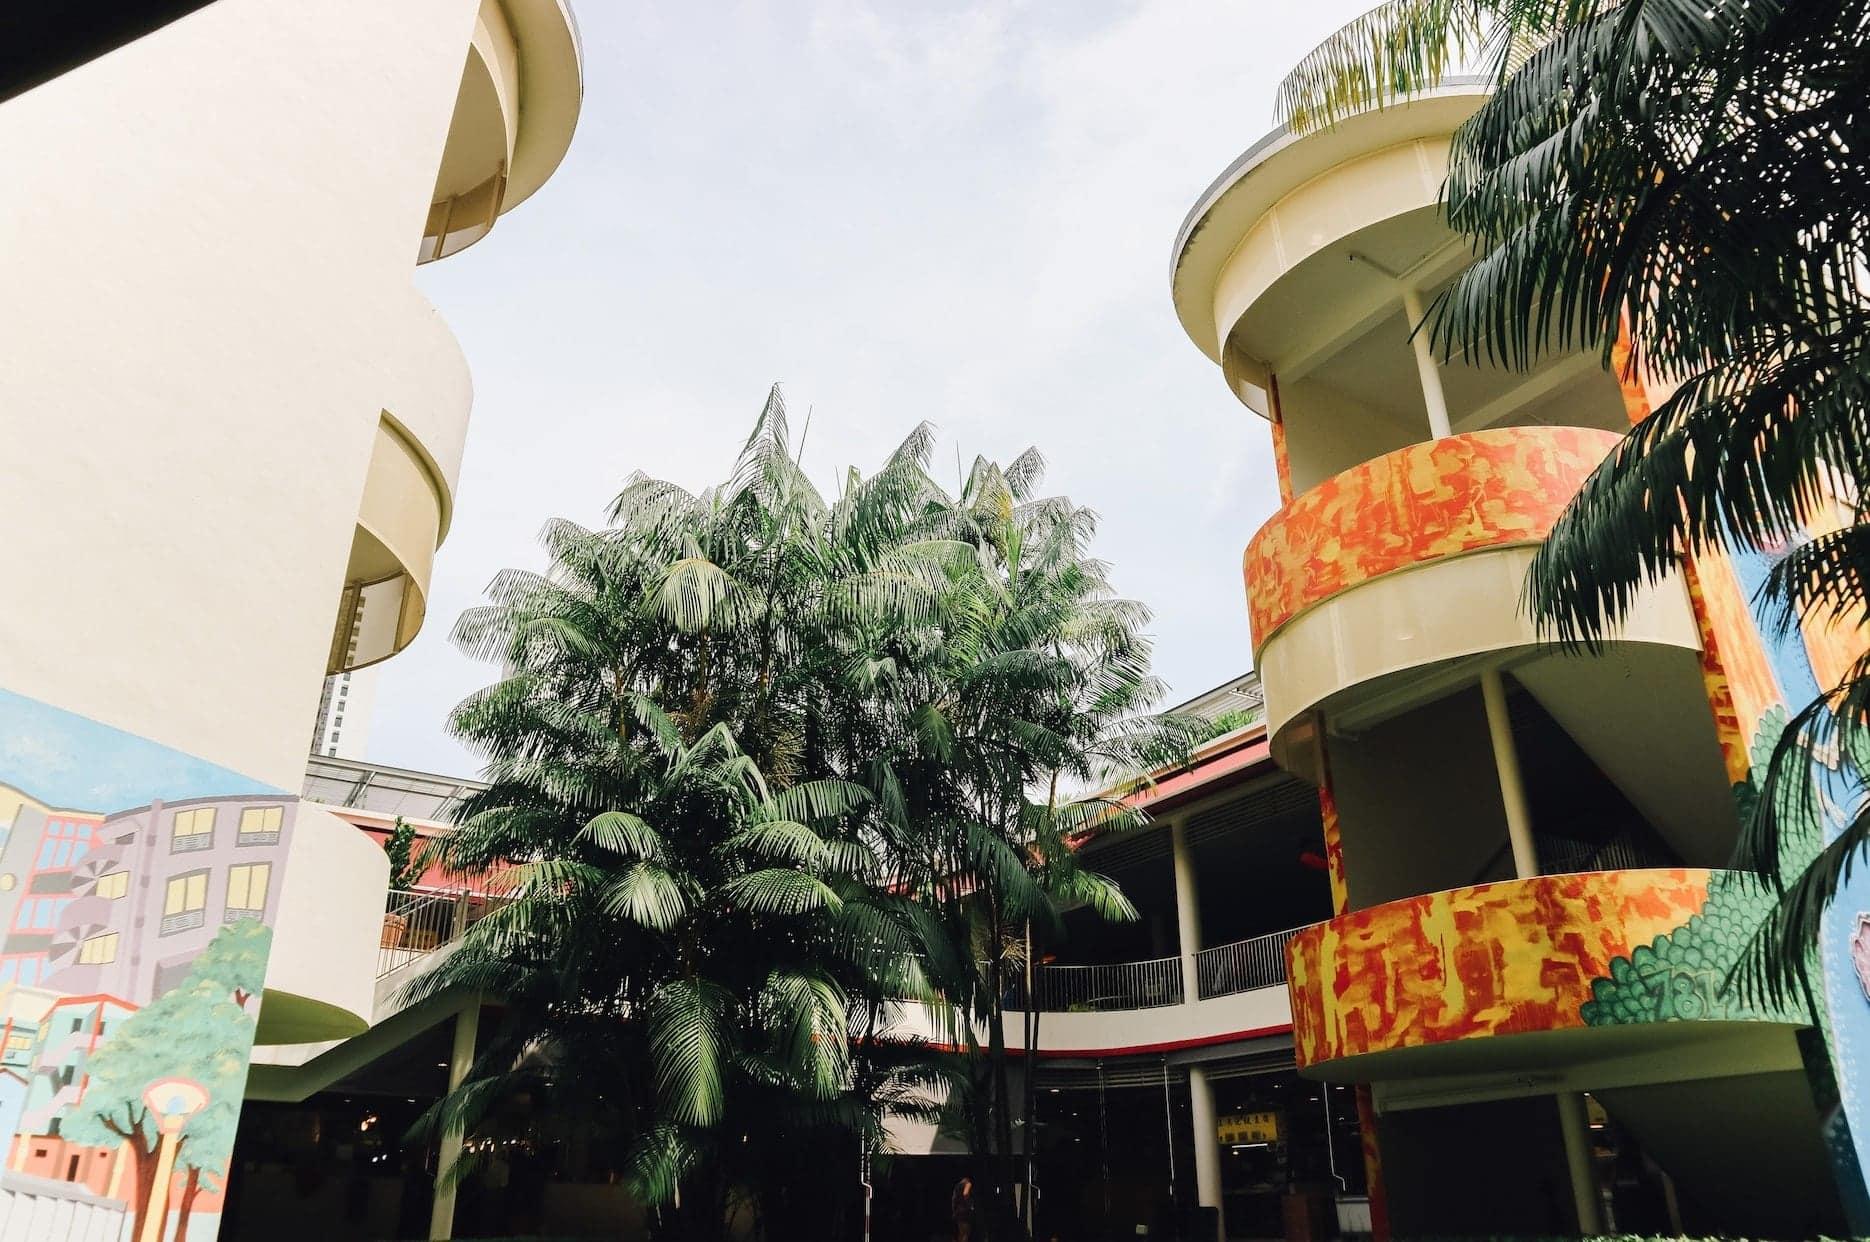 các căn hộ trước chiến tranh tại khu tiong bahru